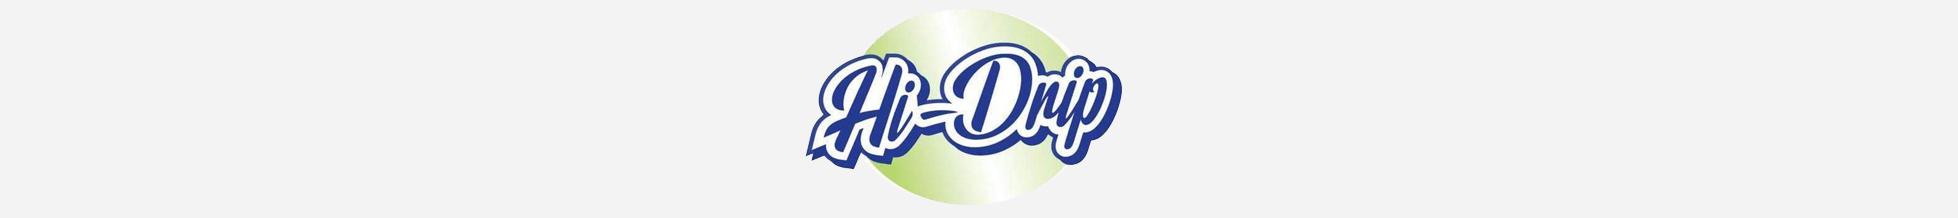 hi-drip-a.jpg